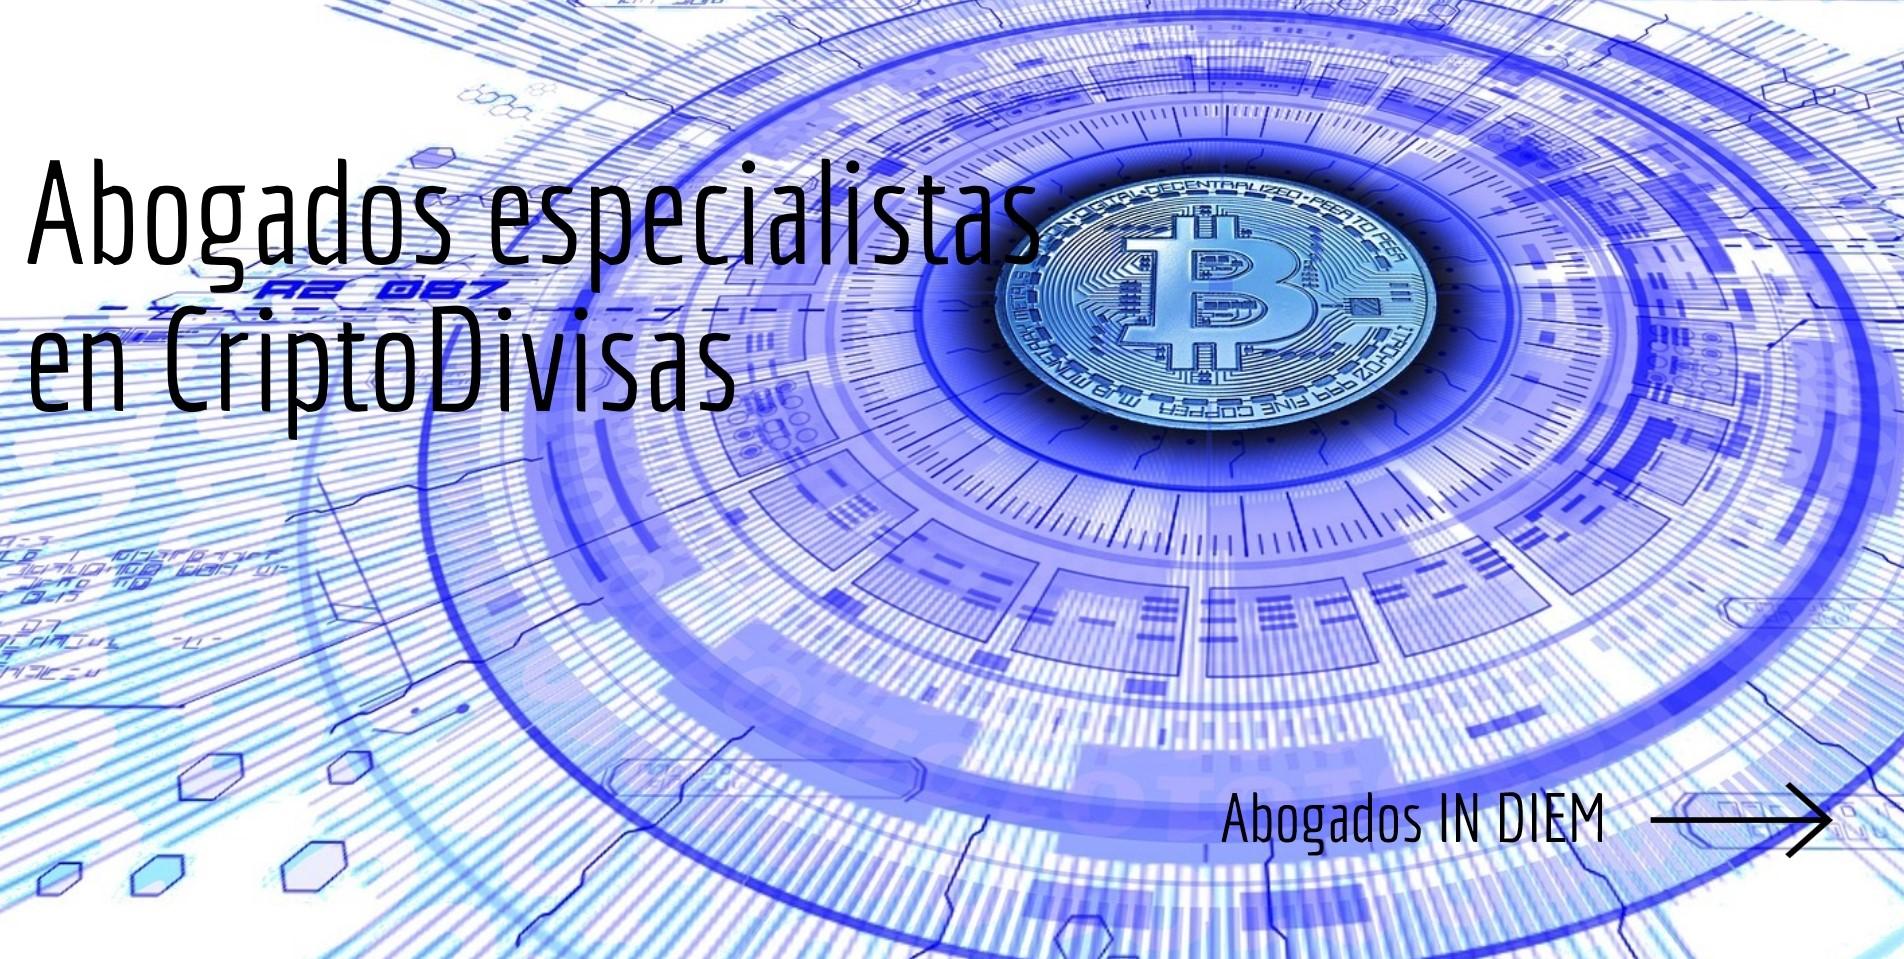 Abogados Especialistas en Criptomonedas y Bitcoin IN DIEM-5